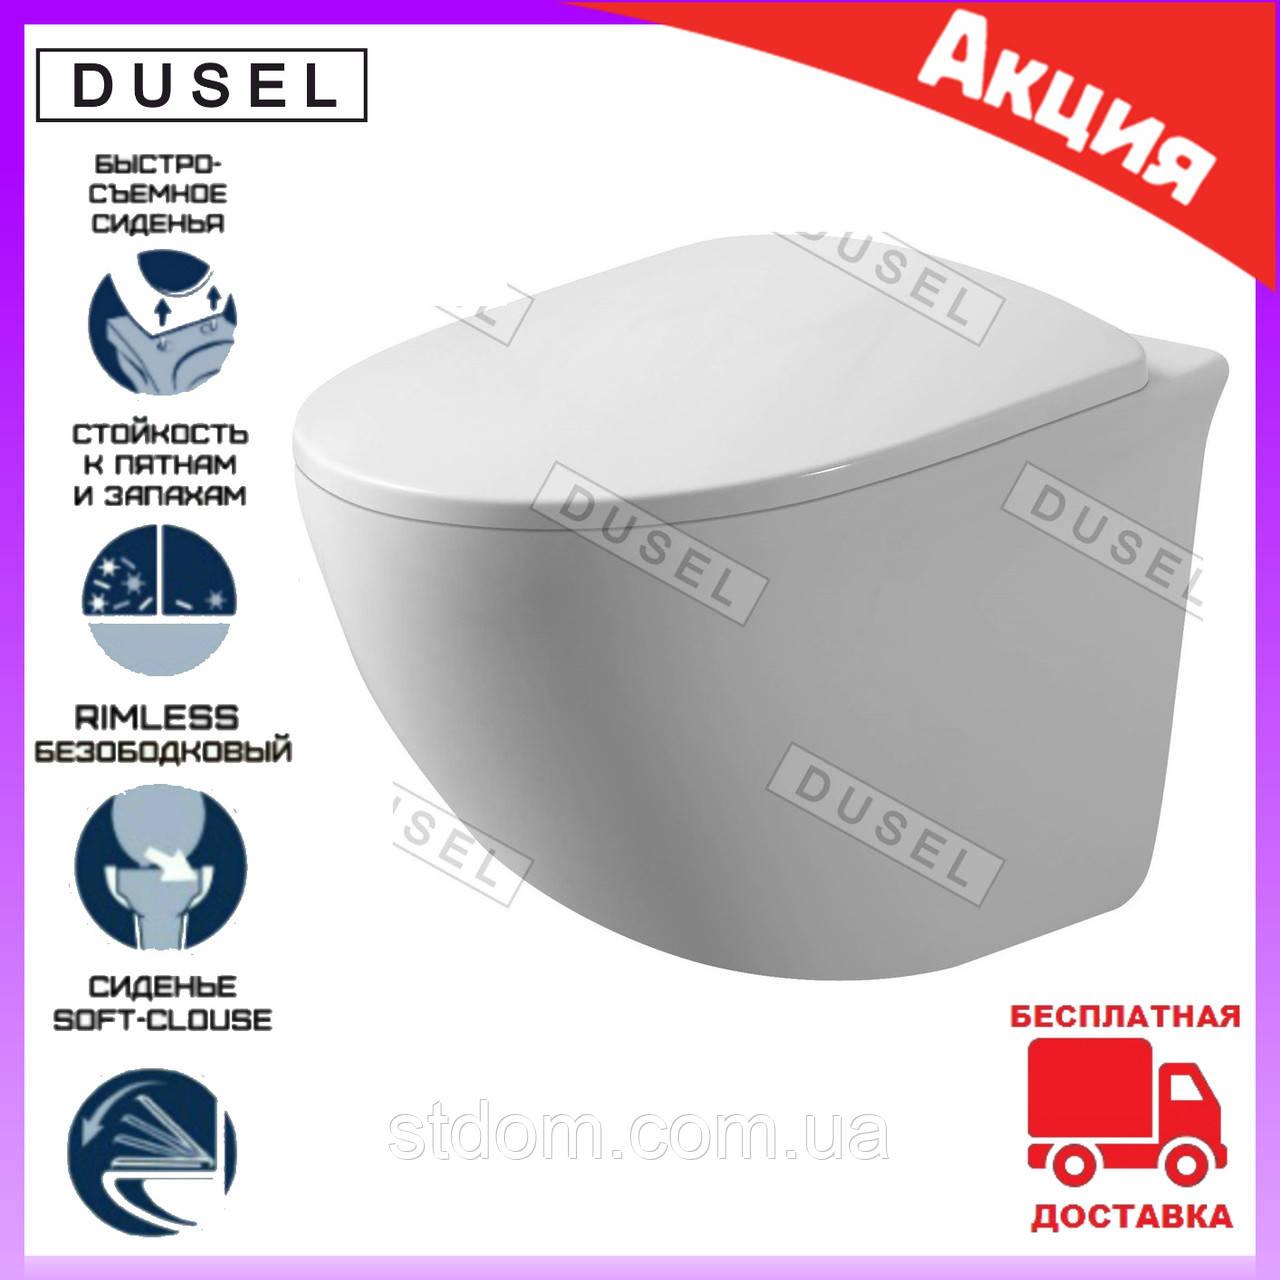 Унитаз подвесной безободковый Dusel Sentia DWHT10201630R c сиденьем микролифт. Унитазы подвесные